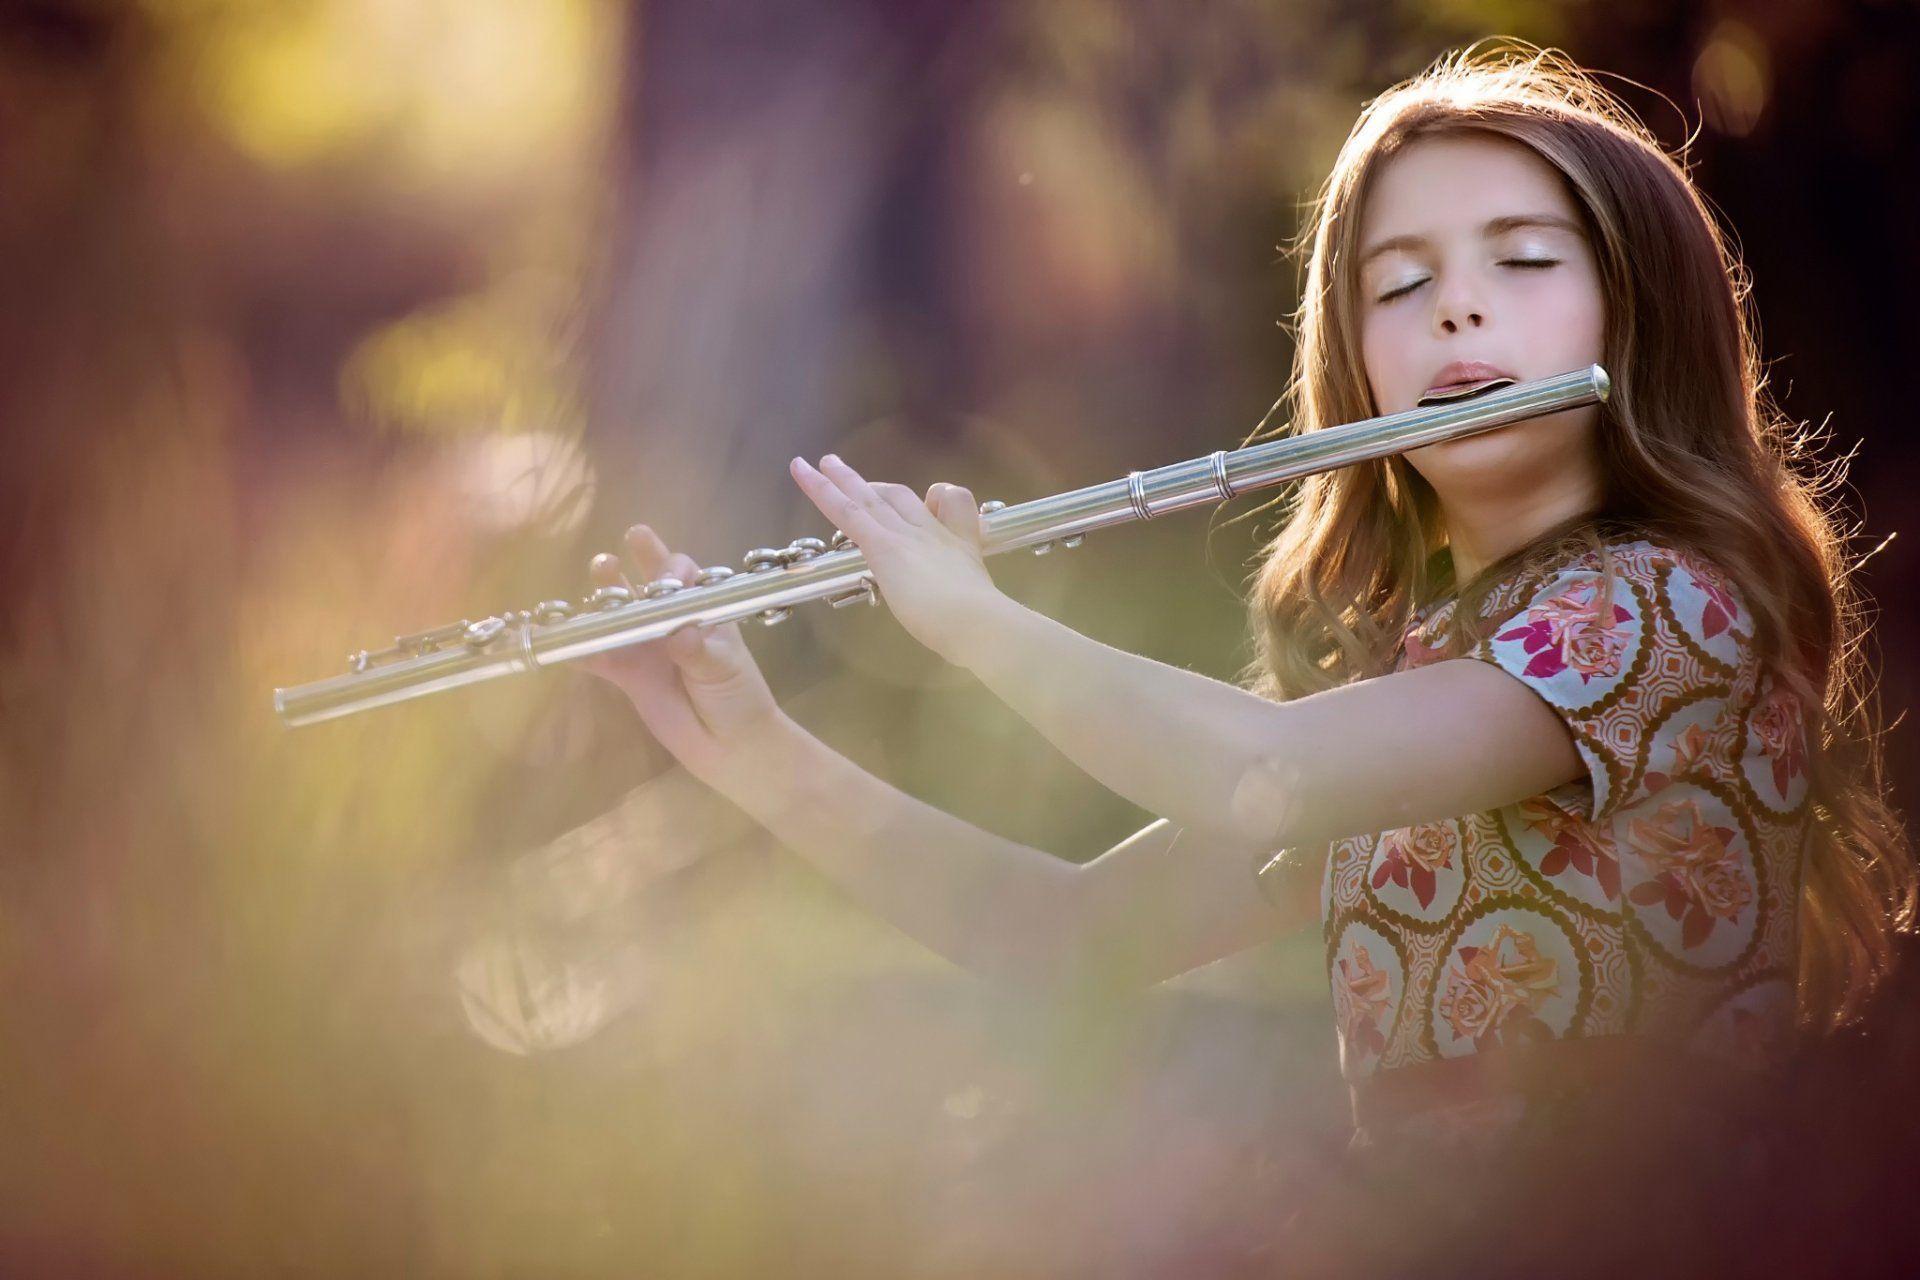 girl flute game HD wallpaper